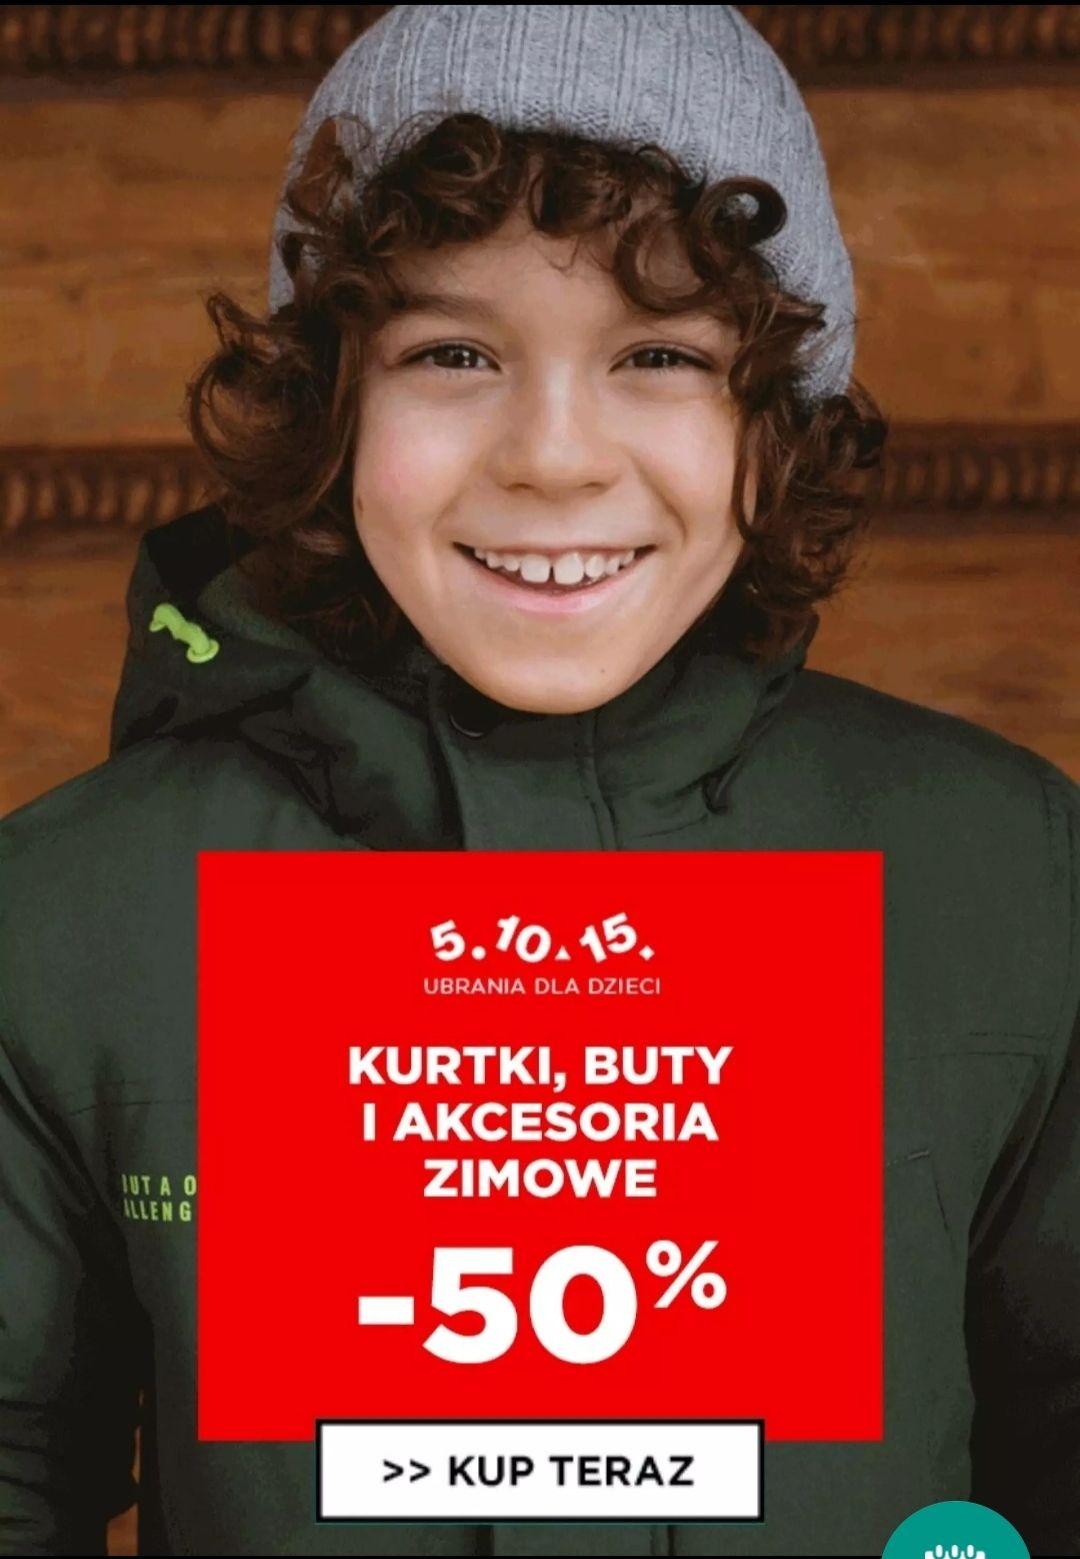 - 50% na kurtki, buty, akcesoria zimowe - 5.10.15